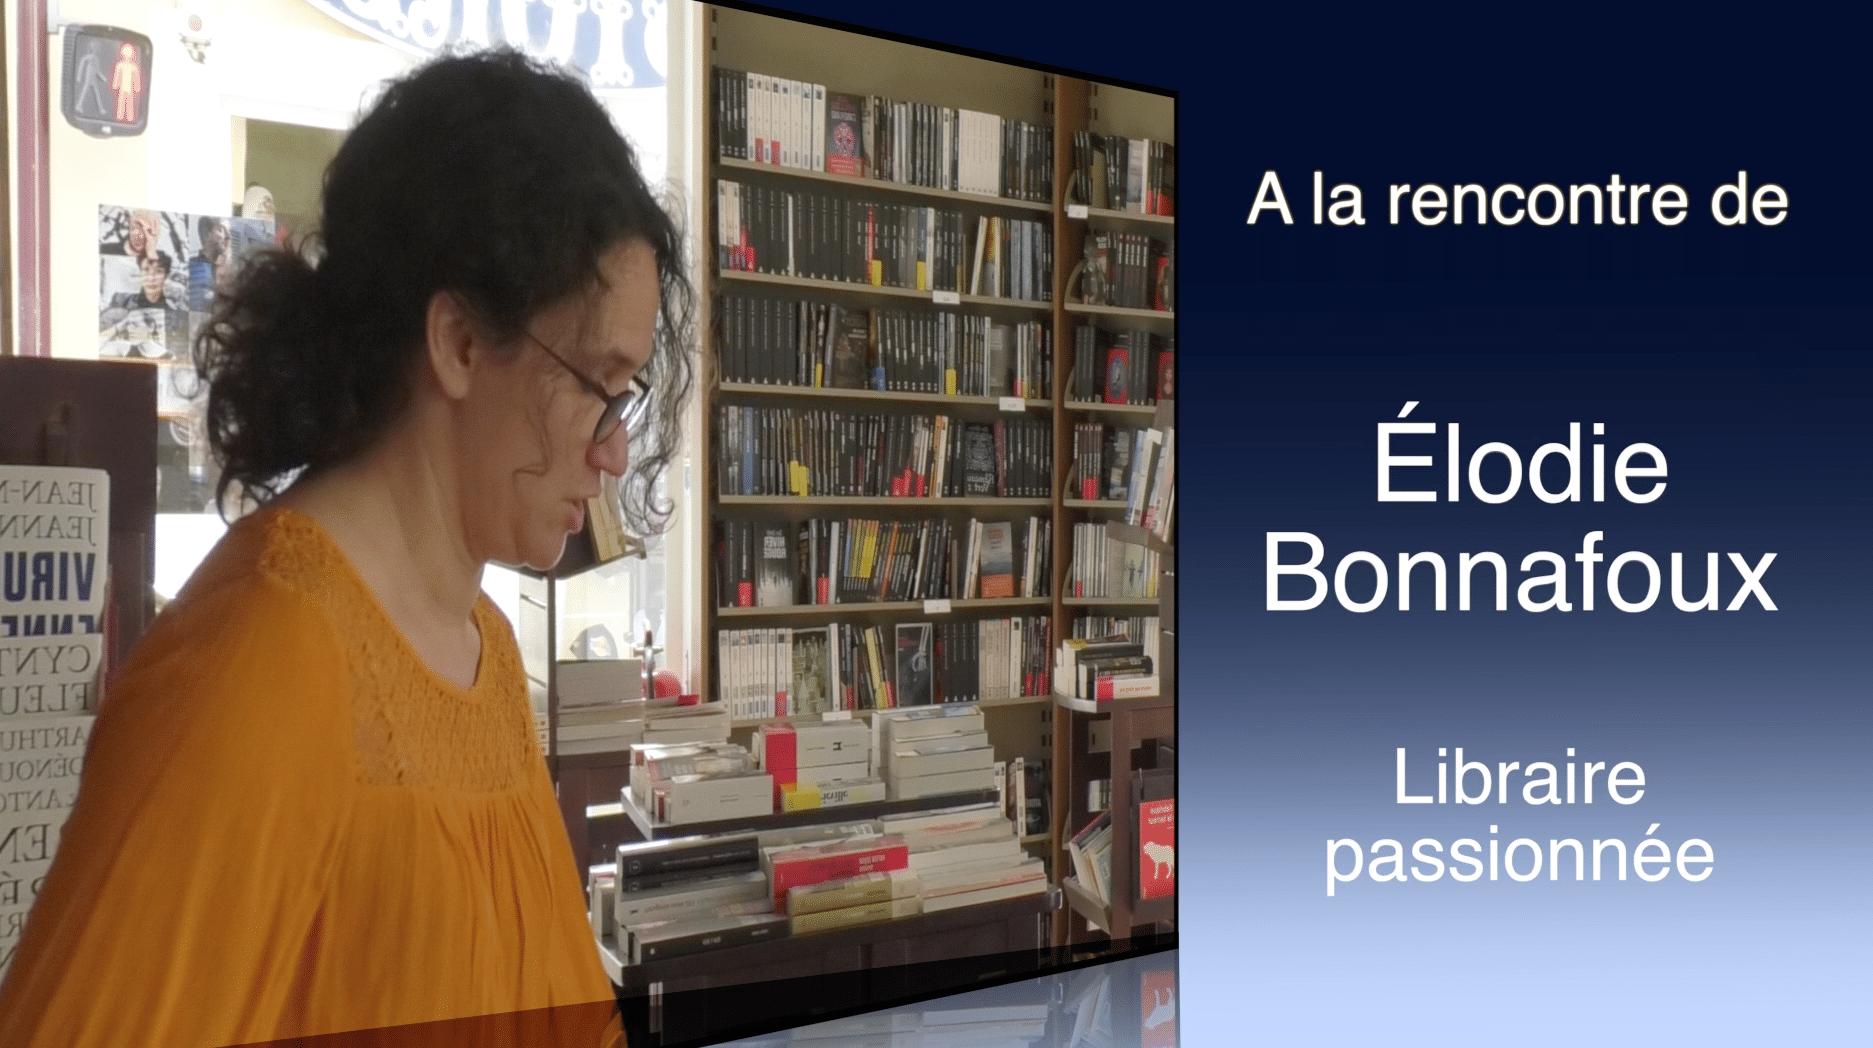 Élodie Bonnafoux : Libraire passionnée